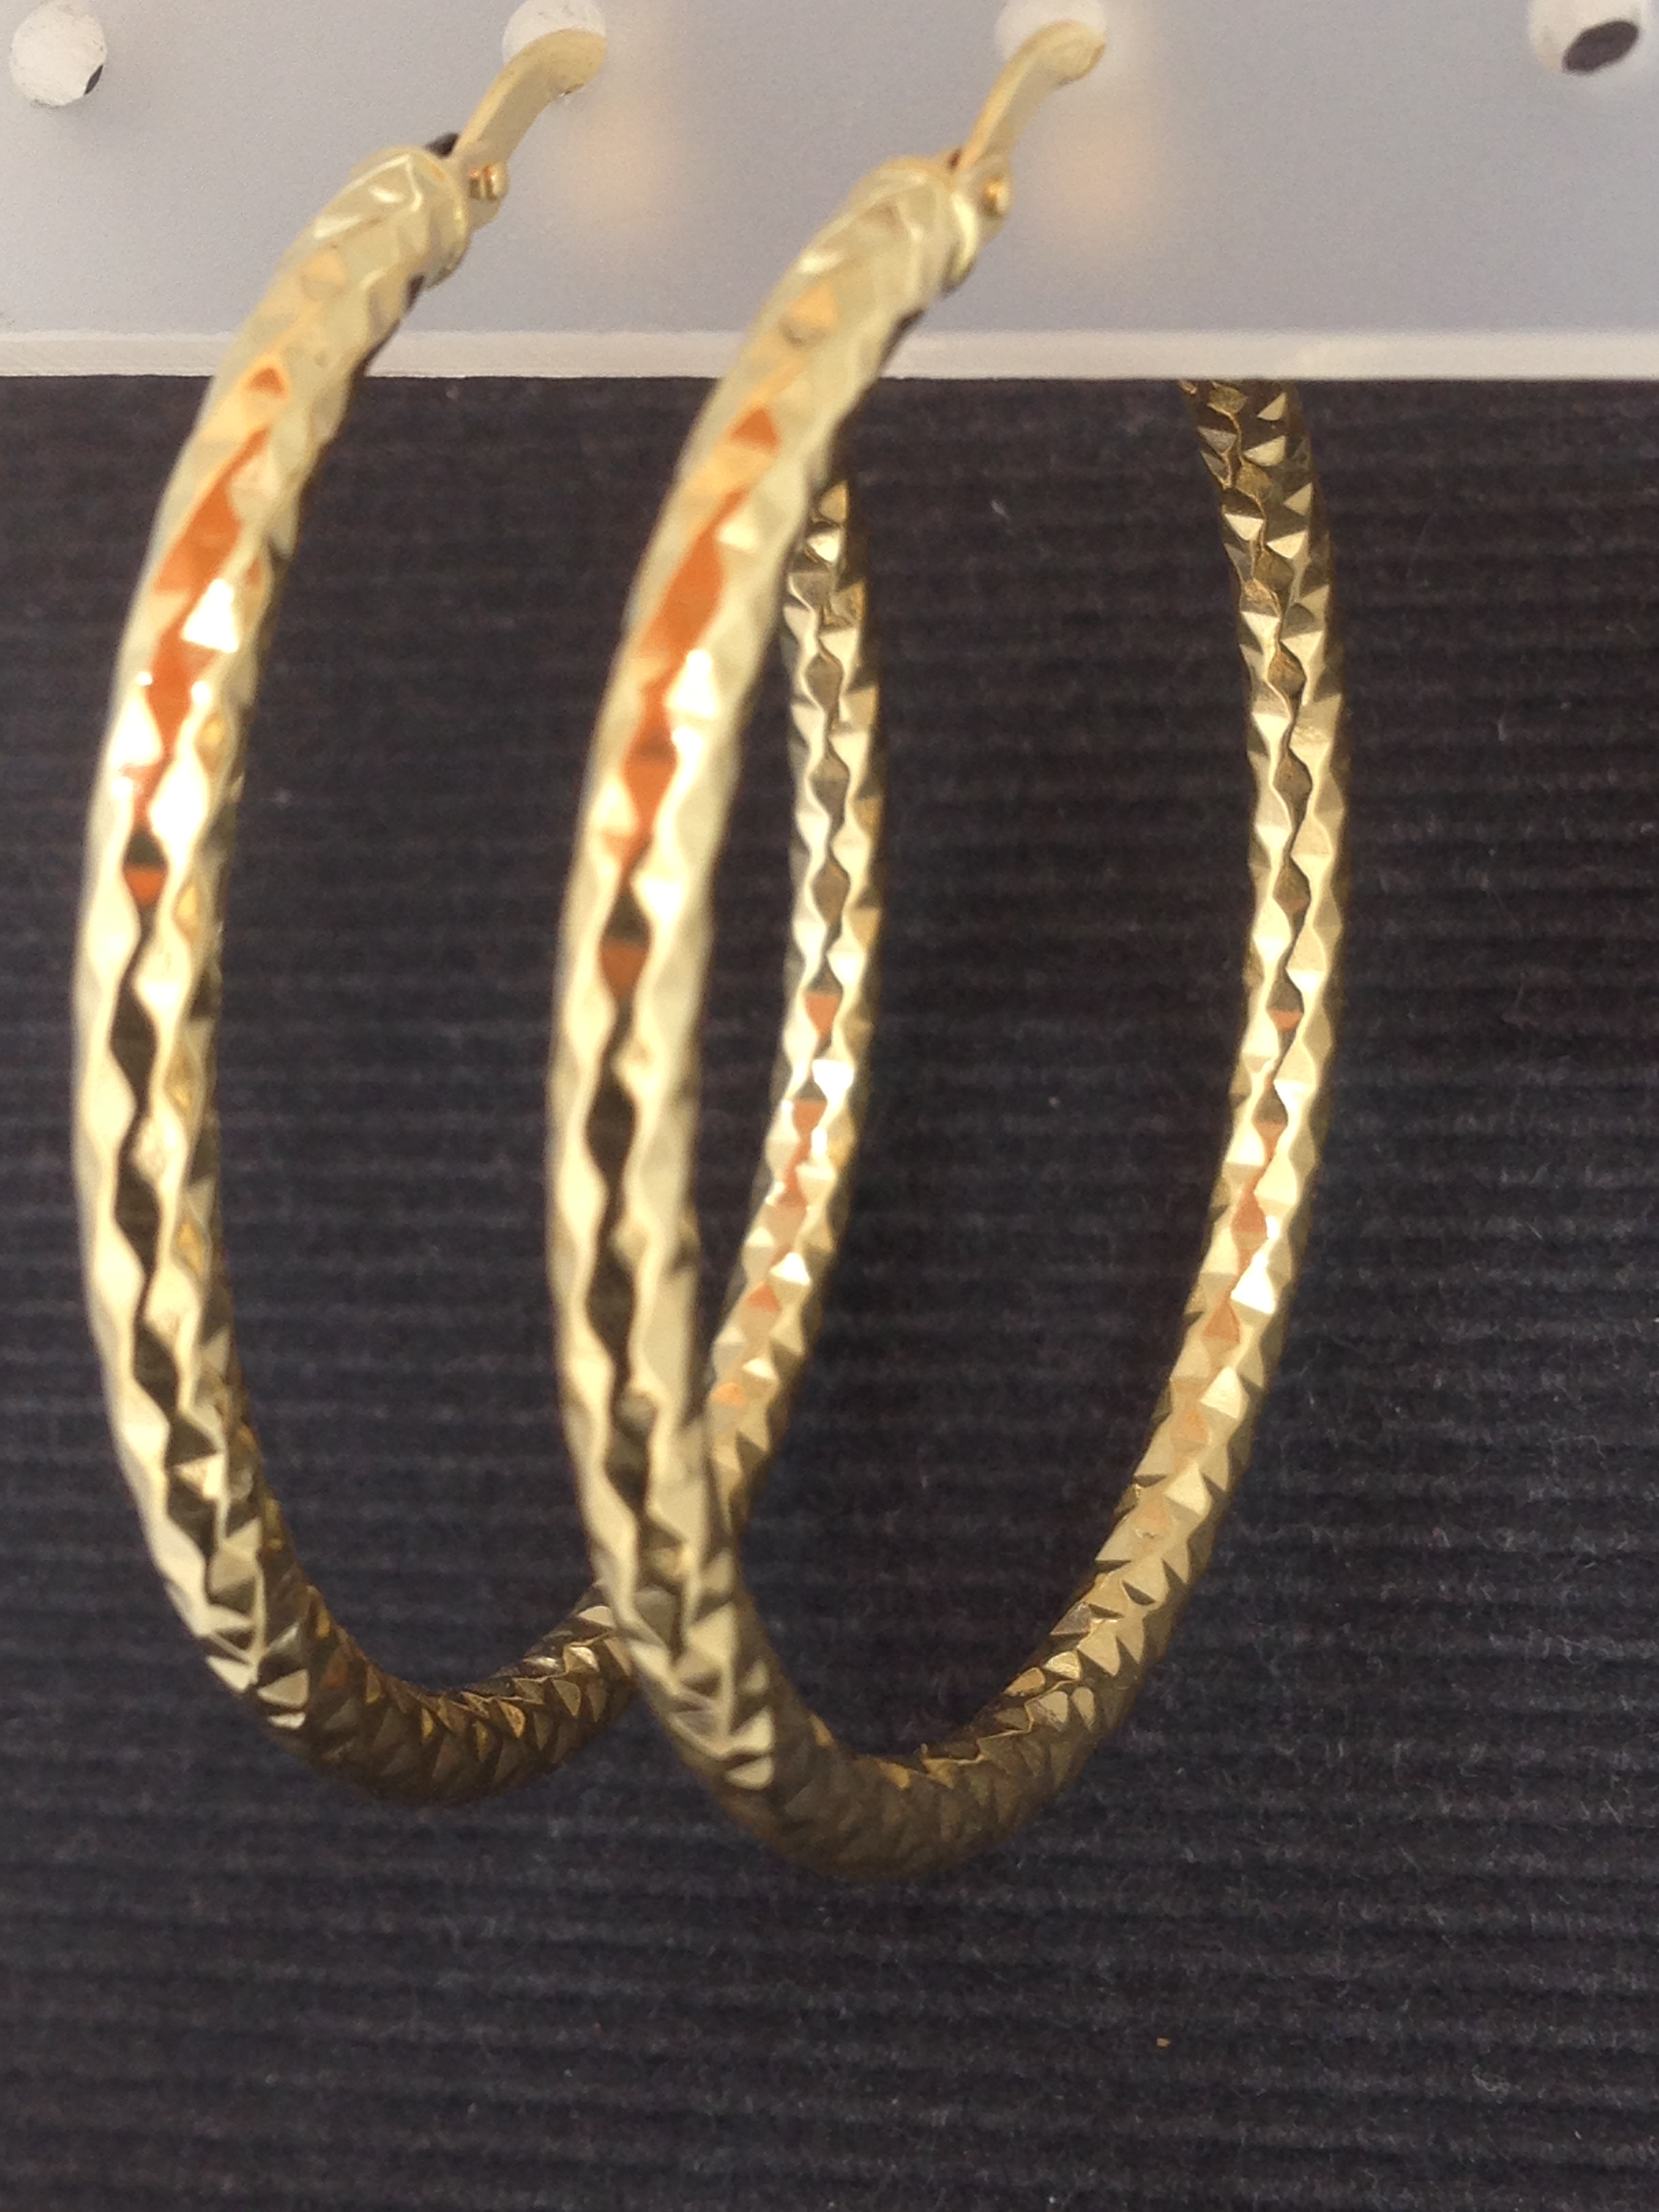 Boucles d'oreilles créole or jaune 18 carats